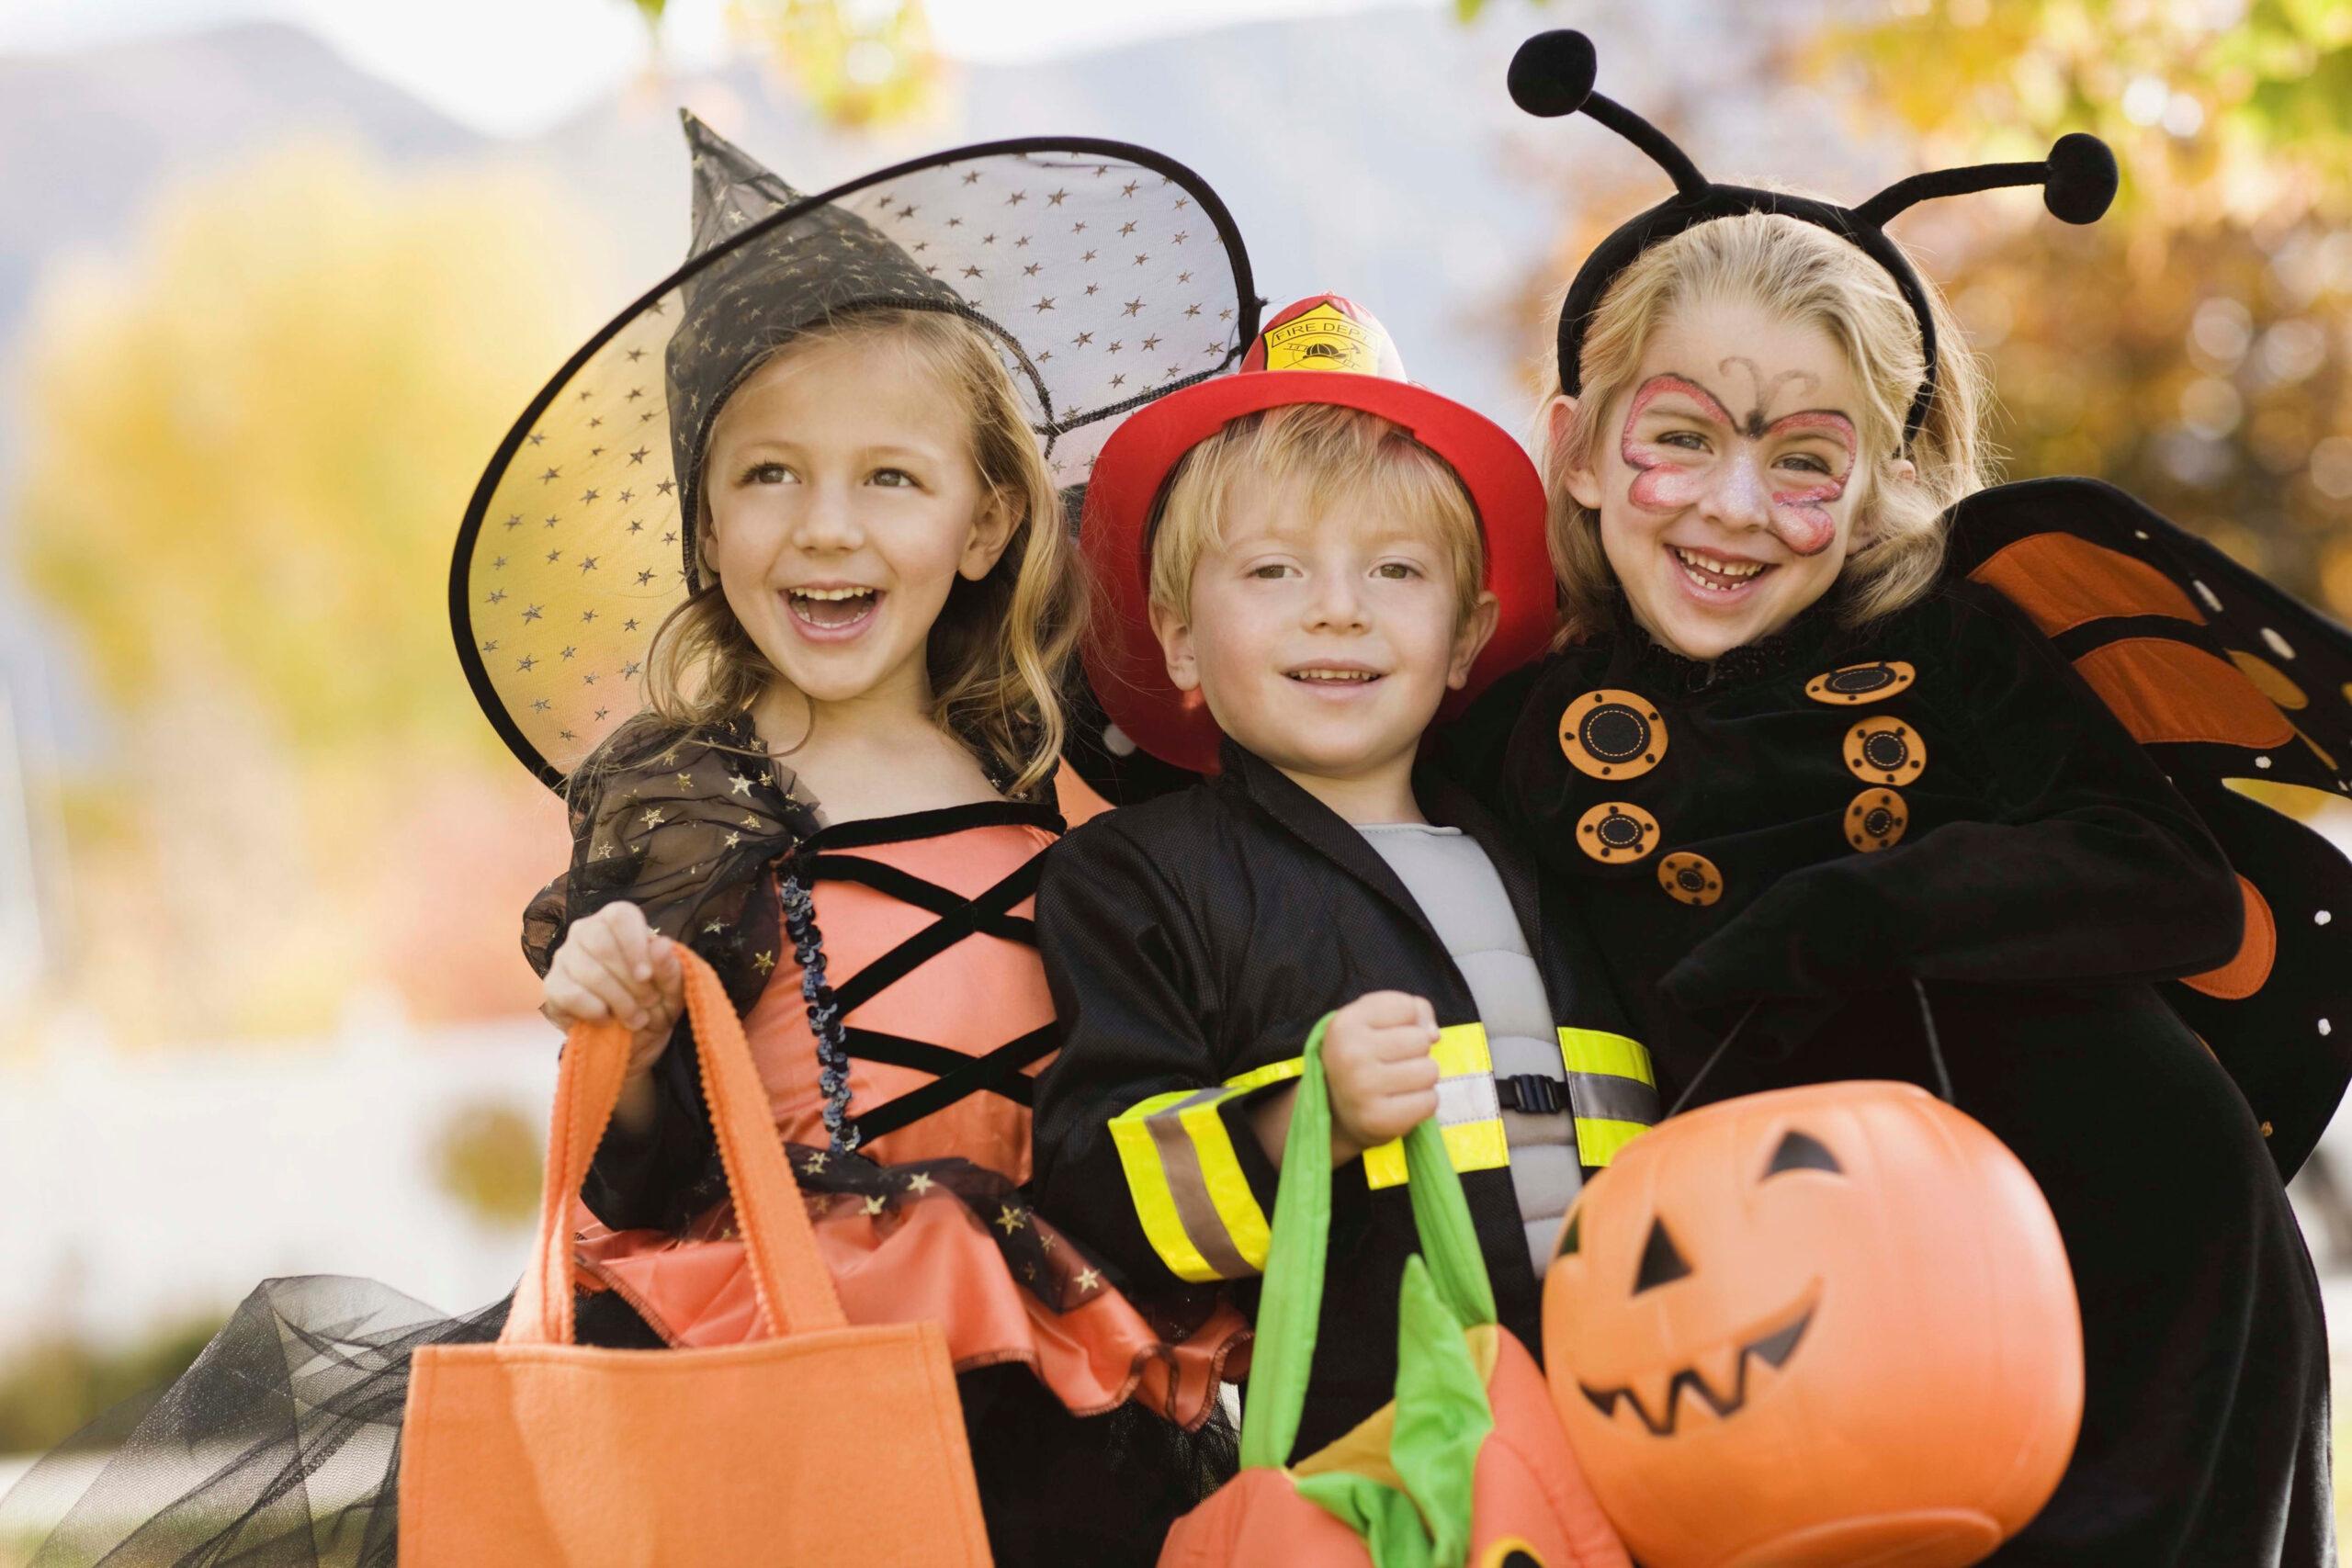 Orlando Halloween Fun For Families